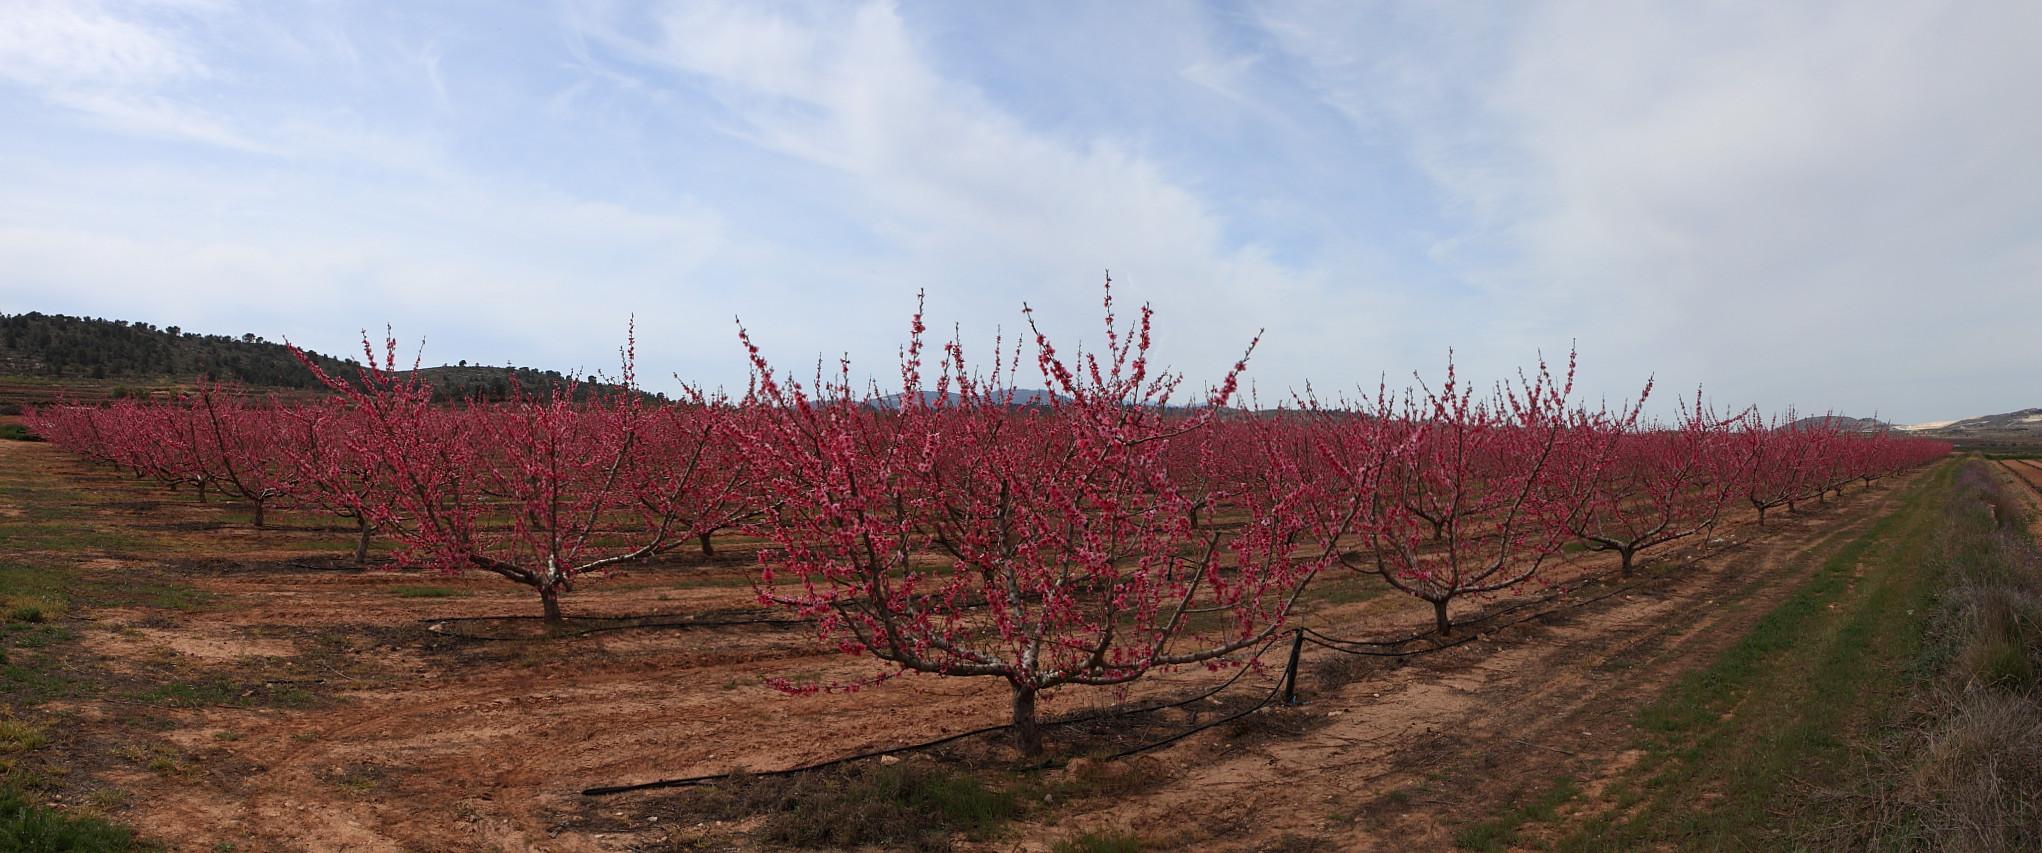 Campo de bresquillas en floracion